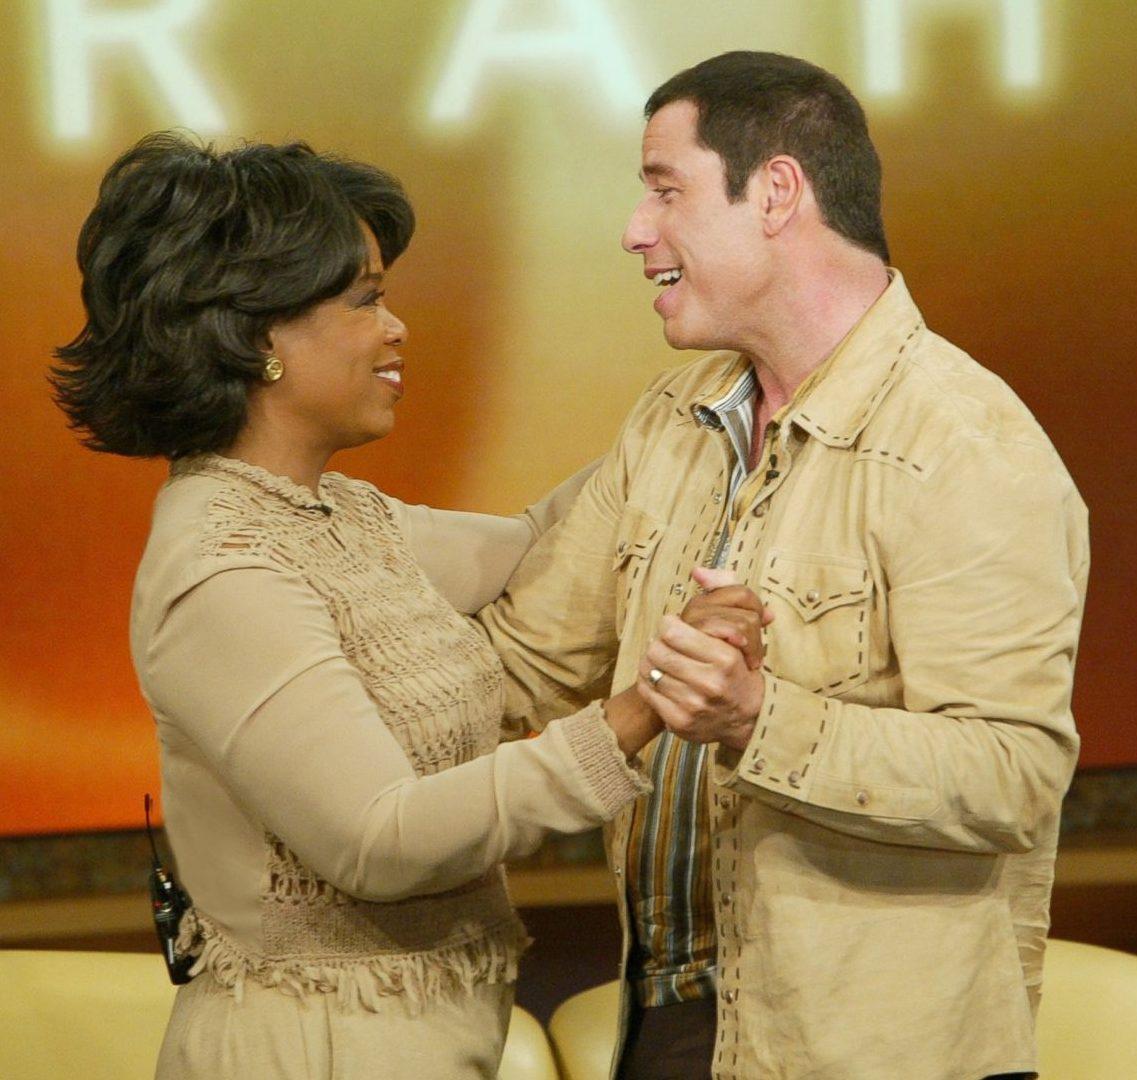 ht oprah winfrey tty 09 jc 150514 19x13 1600 e1601883967469 9 Things You Didn't Know About John Travolta